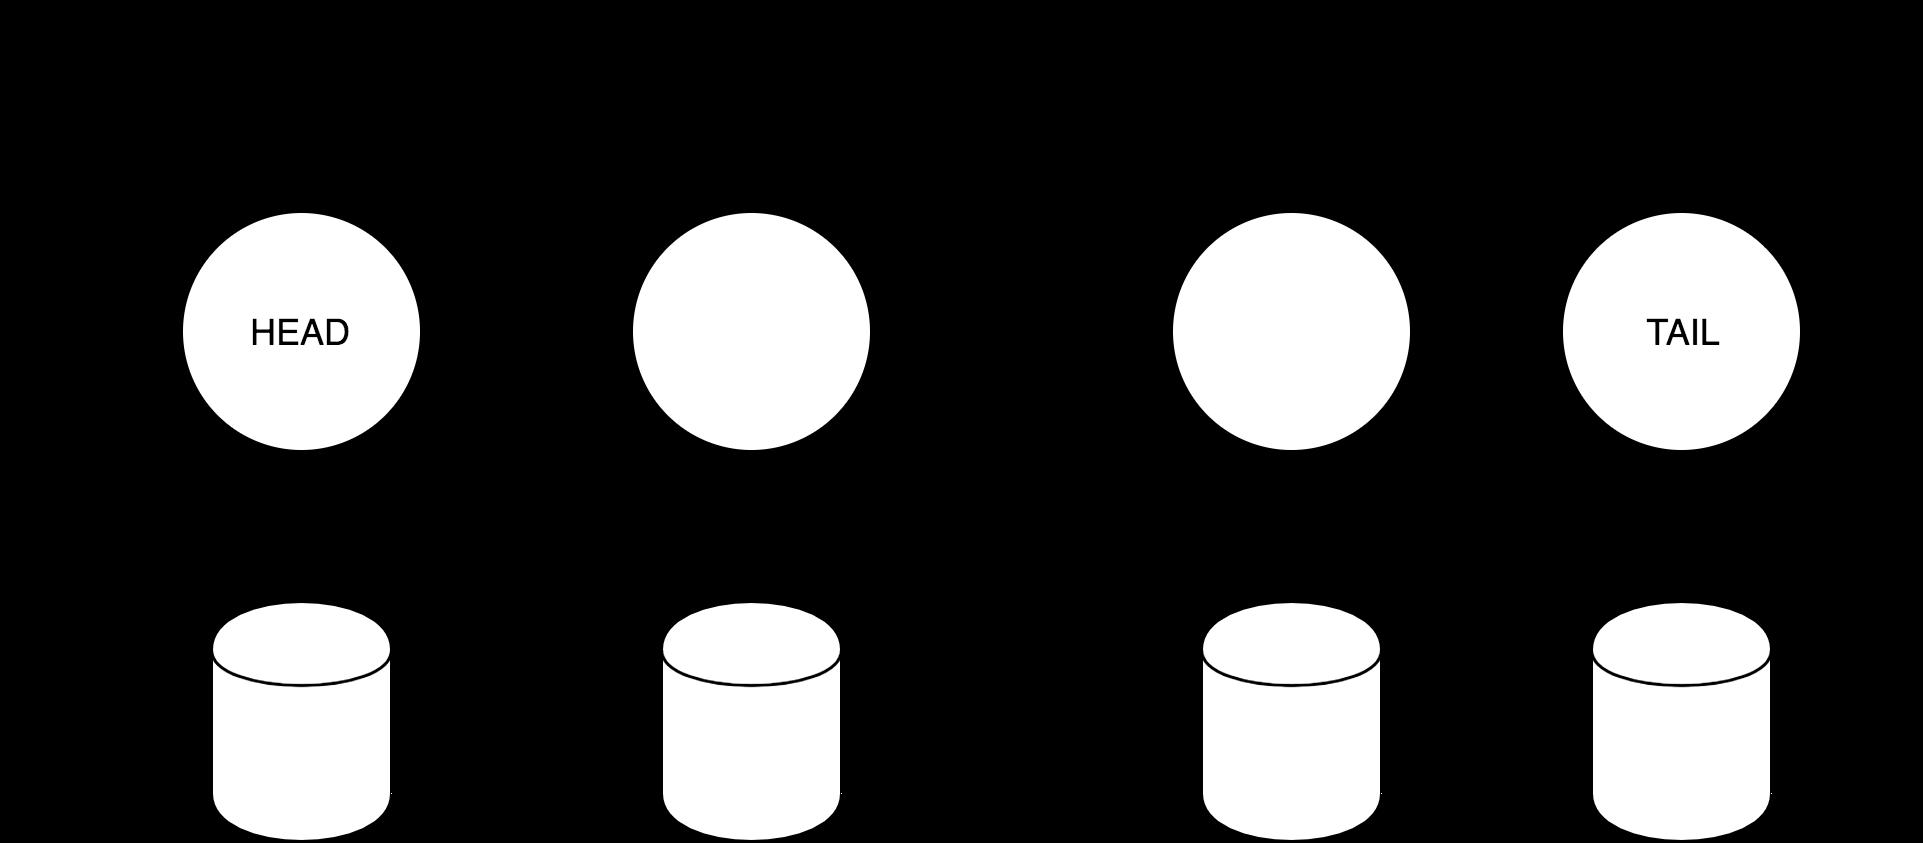 Chain replication: построение эффективного KV-хранилища (часть 1-2) - 4